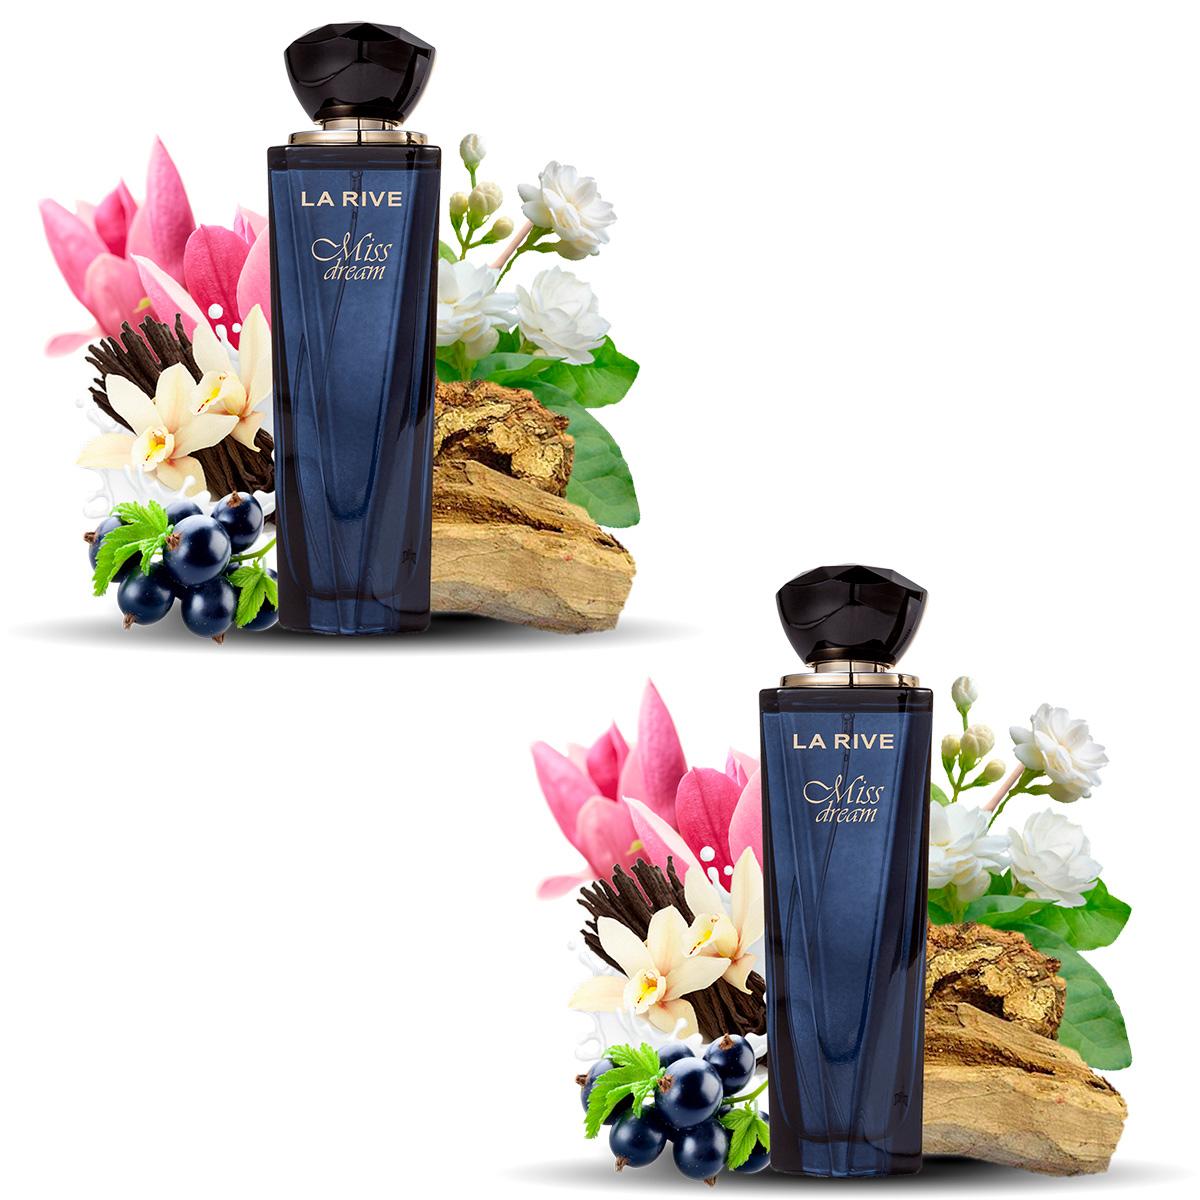 Kit 2 Perfumes Miss Dream La Rive 100ml Edp Feminino